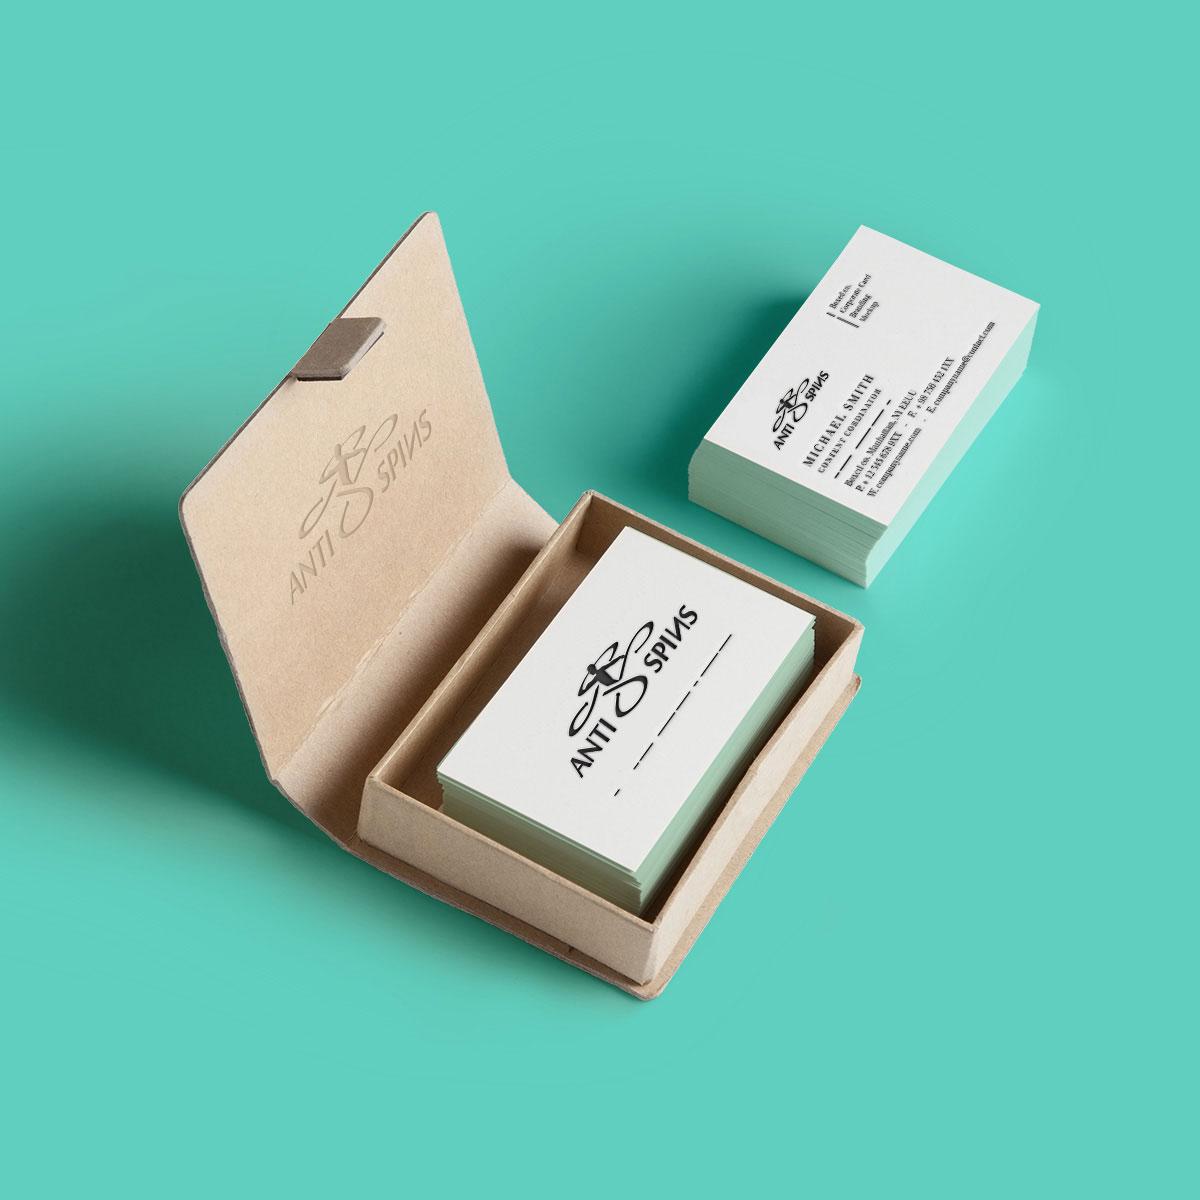 名片business_card